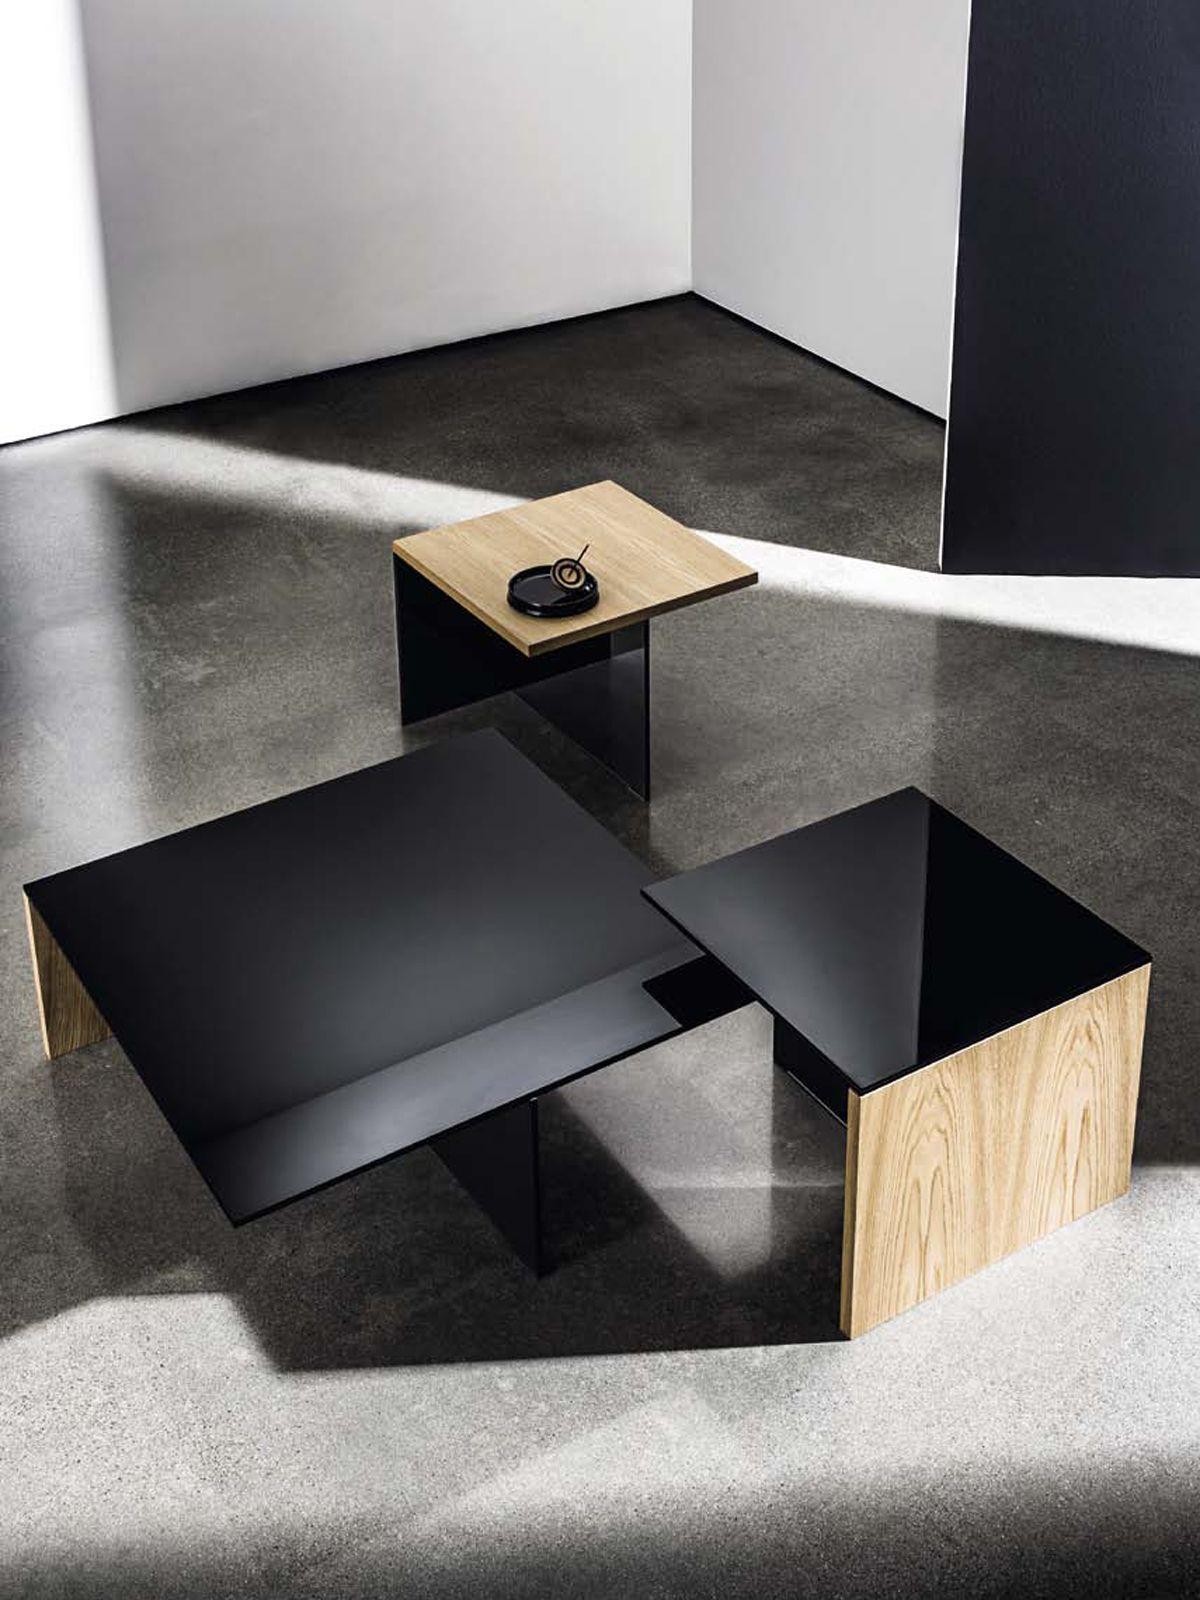 988fd6cbc98074ff8d40d77c438fa356 Frais De Table Basse Design Transparente Conception